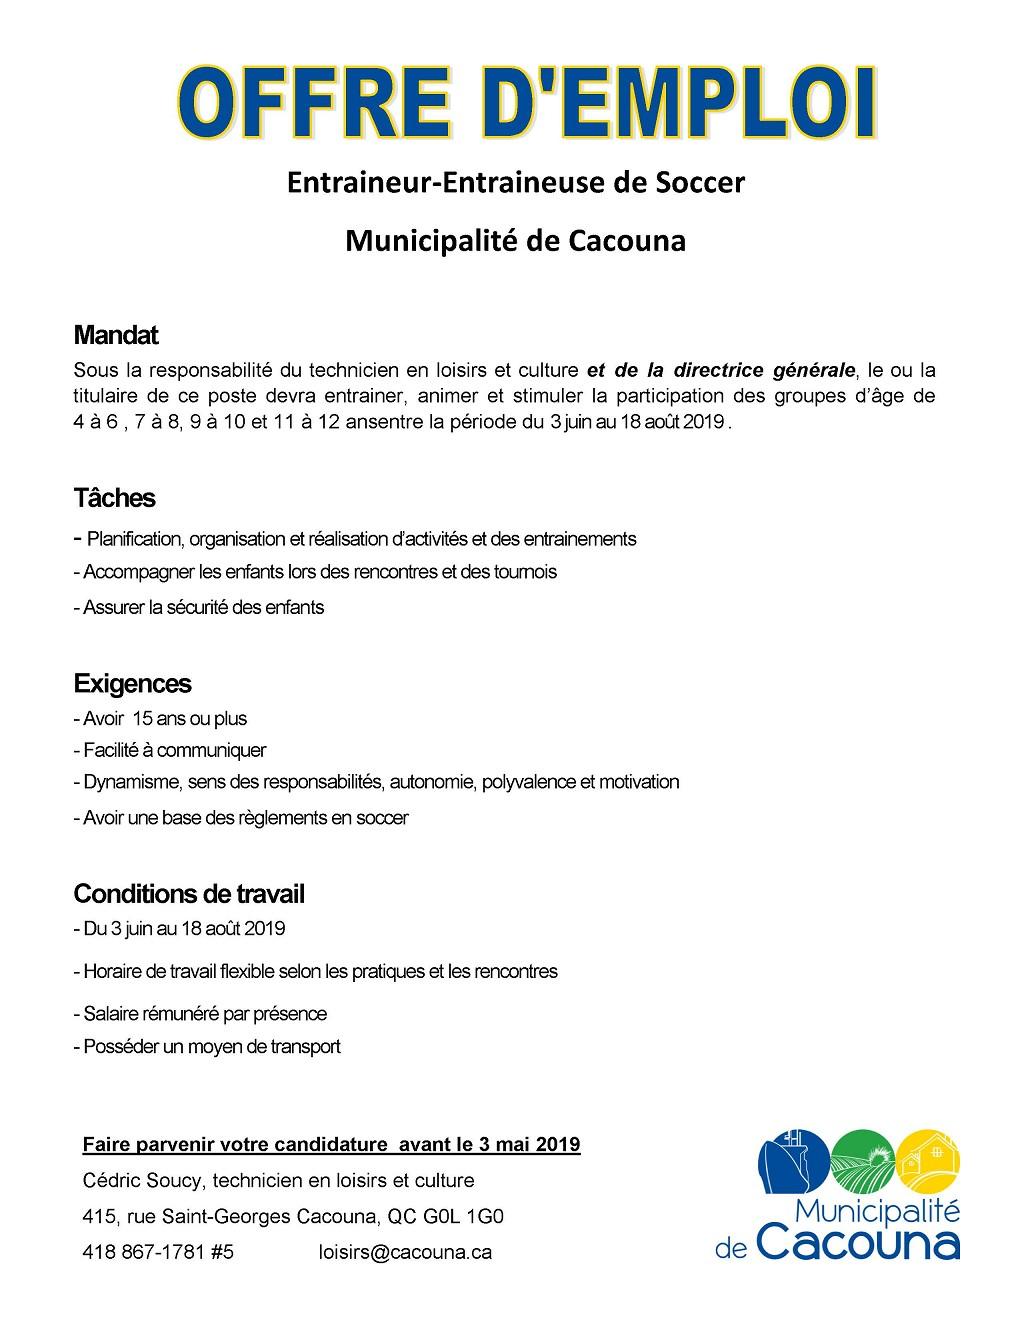 Offre d'emploi Soccer 2019 (Auteur : Angélika)